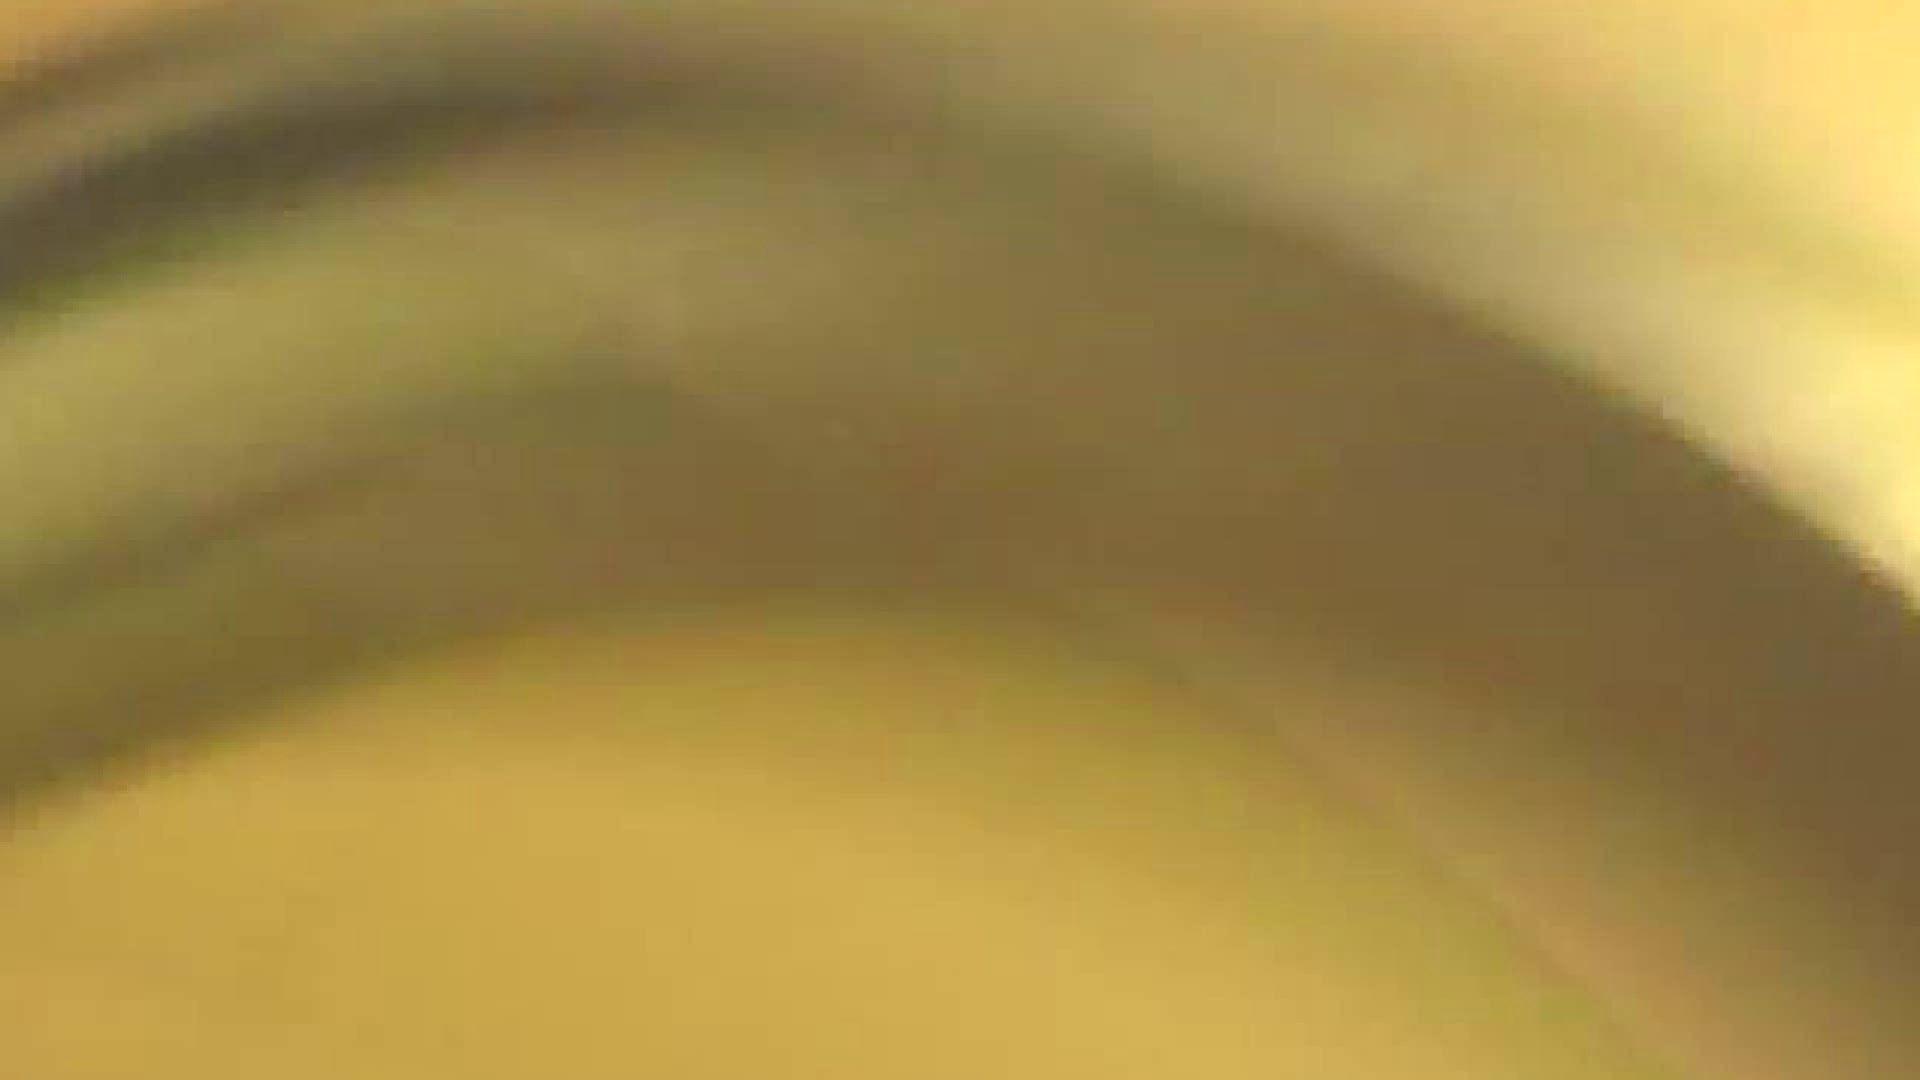 女子トイレ盗撮若い嬢編vol.06 女子トイレ編 オメコ無修正動画無料 88PIX 4